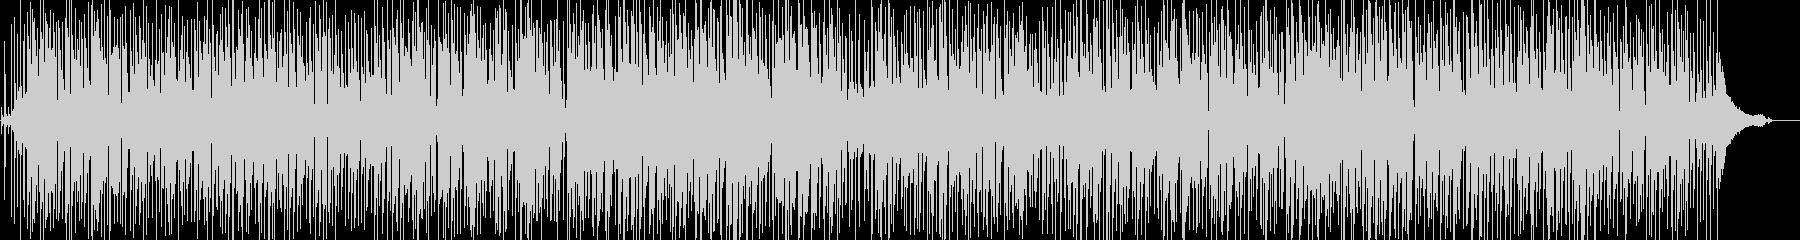 お洒落なクールジャズ(ピアノベースドラムの未再生の波形